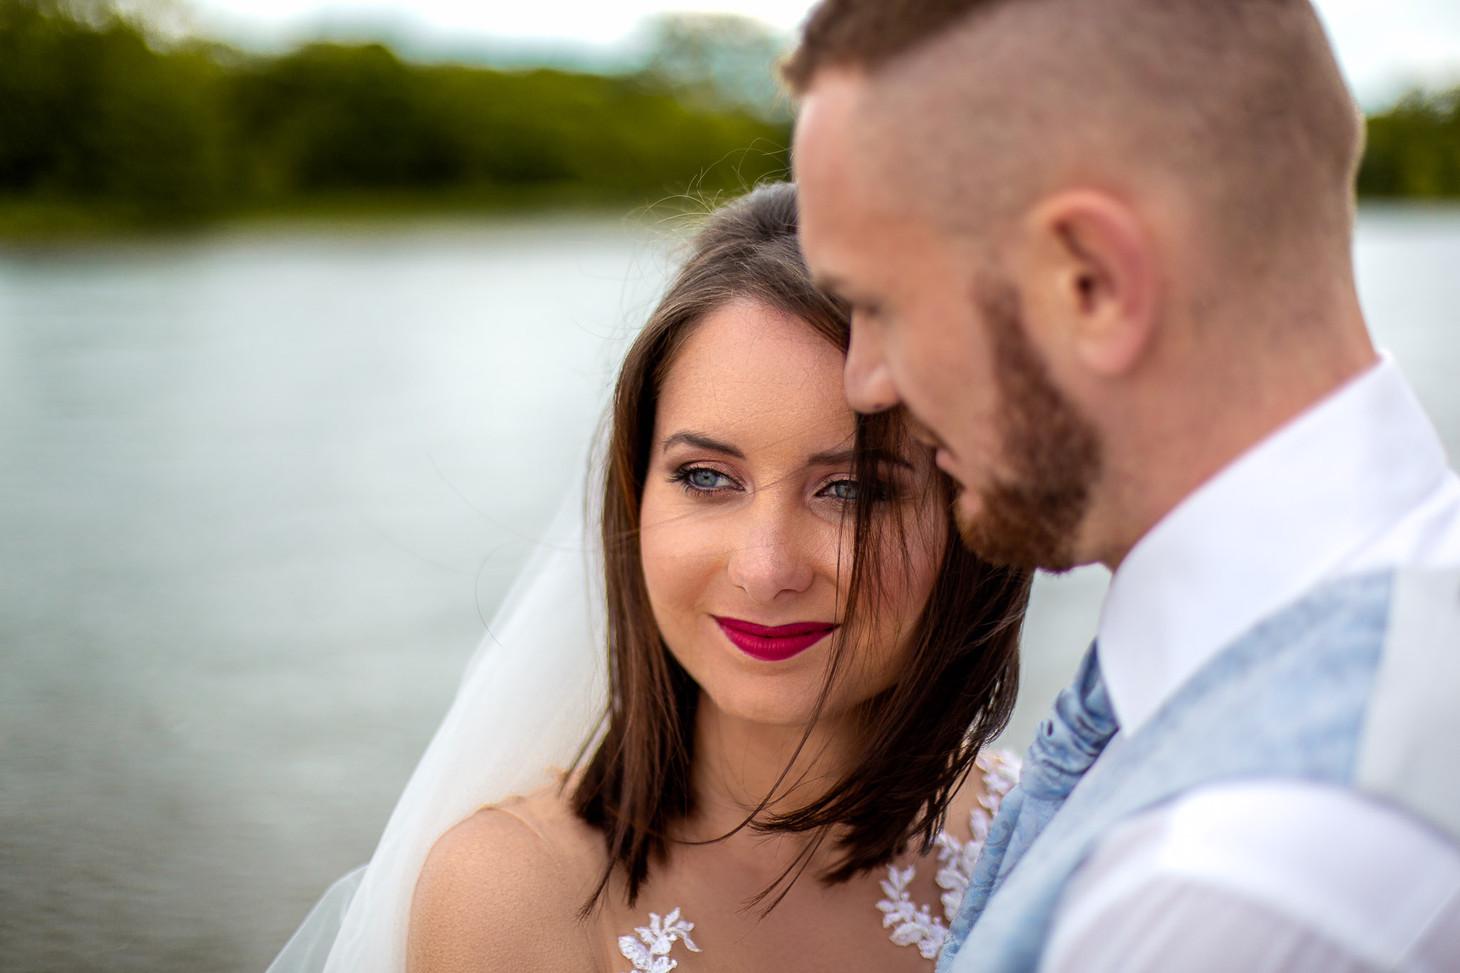 Das Brautpaar hat nur Augen für einander, Parkinsel - Stadtpark Ludwigshafen. Photo made by Willi Lasarenko Photography.